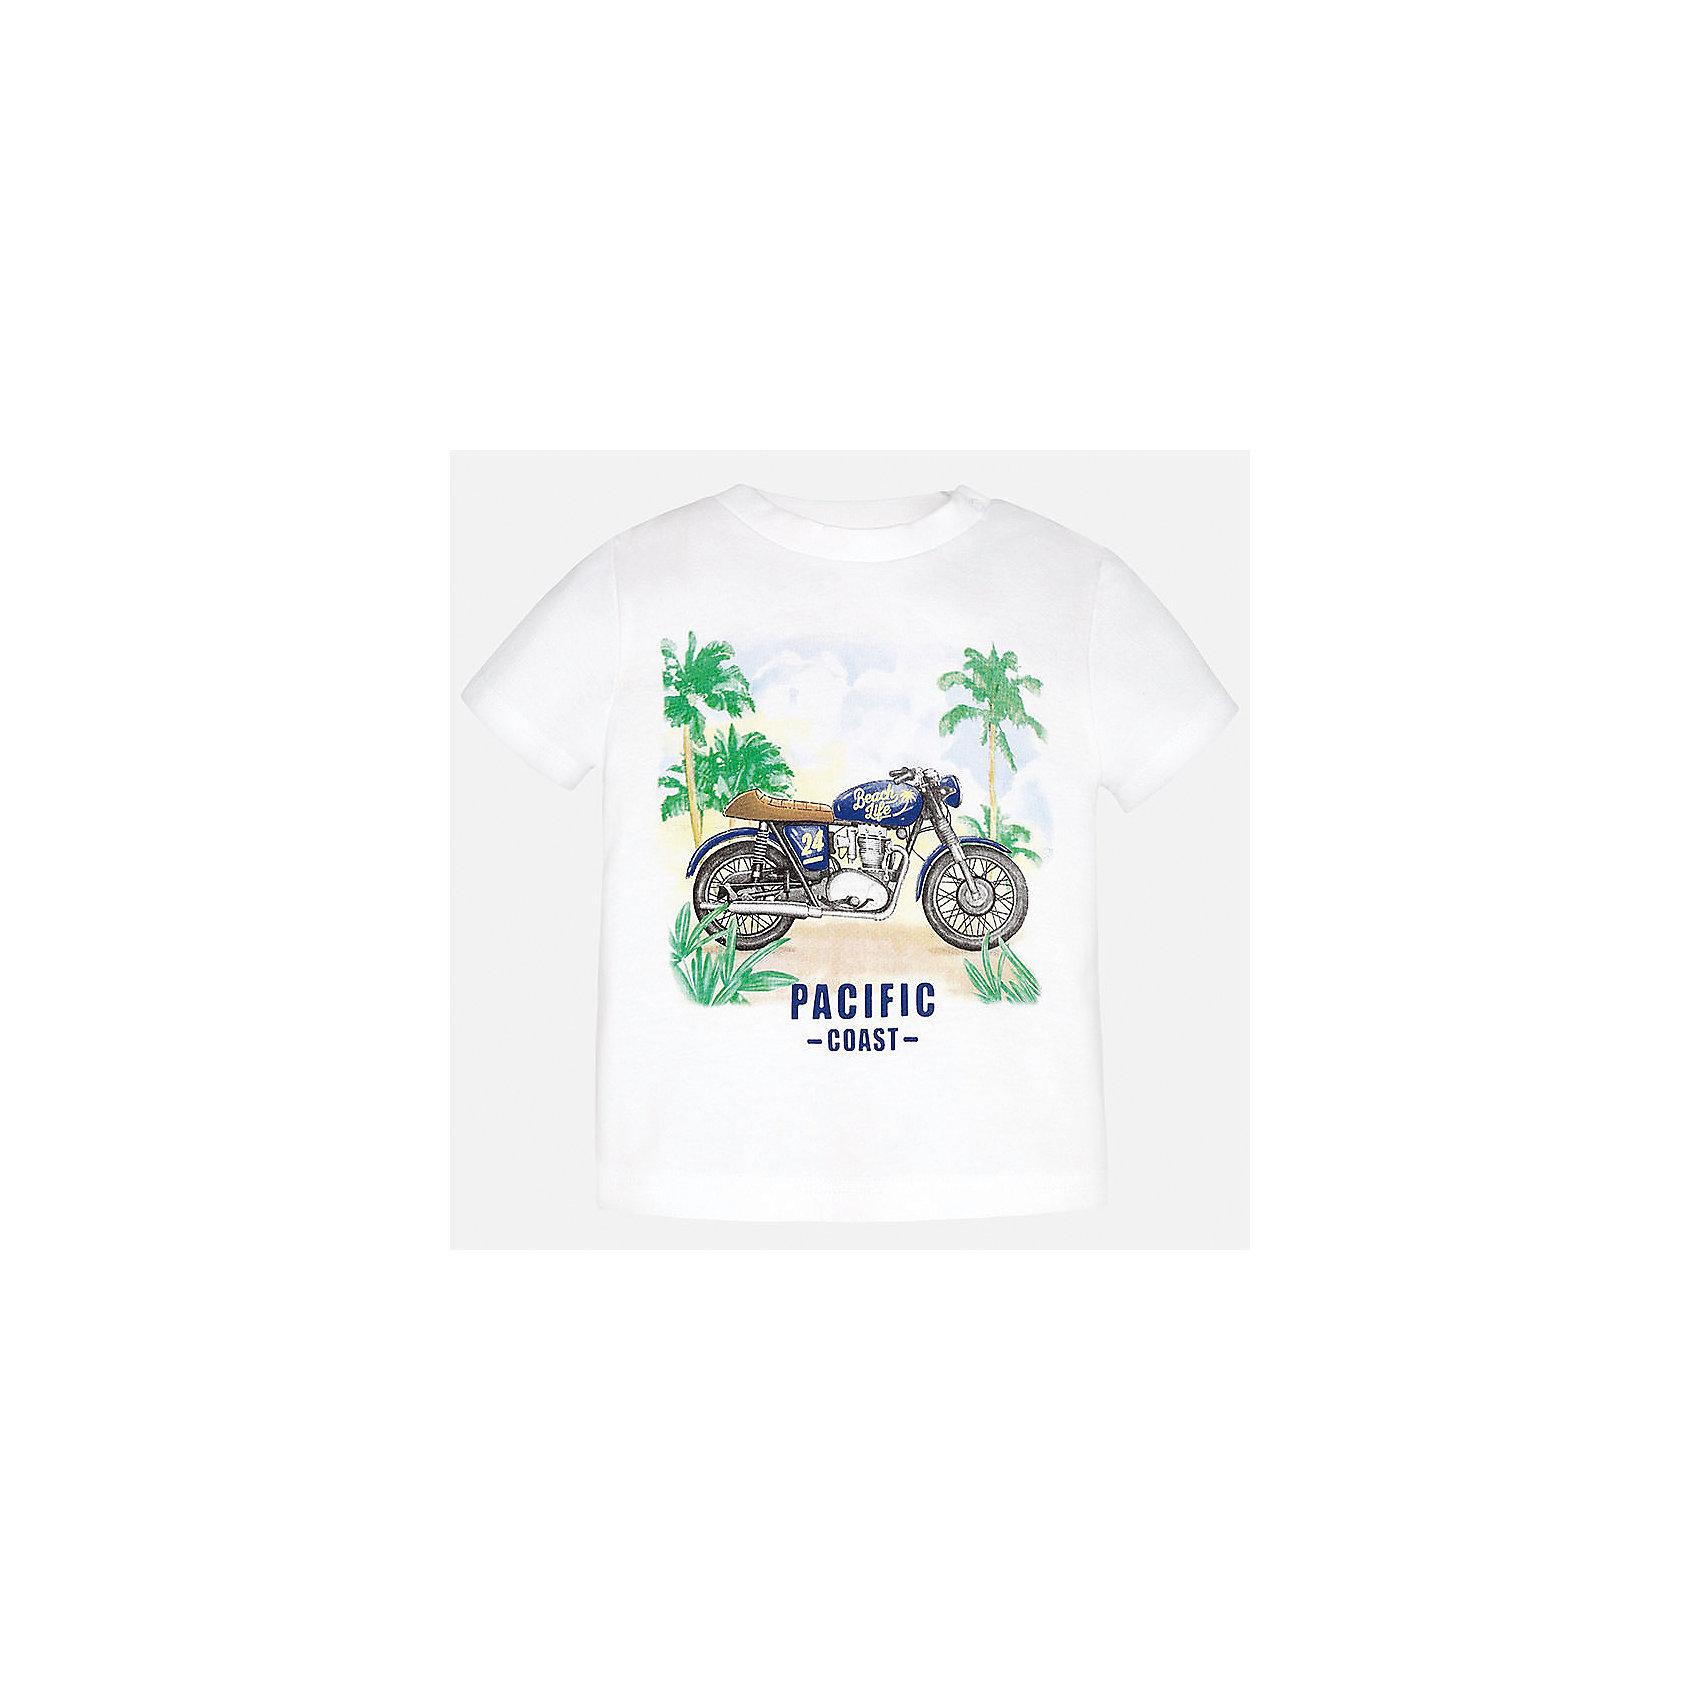 Футболка для мальчика MayoralФутболки, поло и топы<br>Характеристики товара:<br><br>• цвет: белый<br>• состав: 100% хлопок<br>• круглый горловой вырез<br>• декорирована принтом<br>• короткие рукава<br>• мягкая отделка горловины<br>• страна бренда: Испания<br><br>Красивая хлопковая футболка с принтом поможет разнообразить гардероб мальчика. Она отлично сочетается с брюками, шортами, джинсами. Универсальный крой и цвет позволяет подобрать к вещи низ разных расцветок. Практичное и стильное изделие! Хорошо смотрится и комфортно сидит на детях. В составе материала - только натуральный хлопок, гипоаллергенный, приятный на ощупь, дышащий. <br><br>Одежда, обувь и аксессуары от испанского бренда Mayoral полюбились детям и взрослым по всему миру. Модели этой марки - стильные и удобные. Для их производства используются только безопасные, качественные материалы и фурнитура. Порадуйте ребенка модными и красивыми вещами от Mayoral! <br><br>Футболку для мальчика от испанского бренда Mayoral (Майорал) можно купить в нашем интернет-магазине.<br><br>Ширина мм: 199<br>Глубина мм: 10<br>Высота мм: 161<br>Вес г: 151<br>Цвет: белый<br>Возраст от месяцев: 18<br>Возраст до месяцев: 24<br>Пол: Мужской<br>Возраст: Детский<br>Размер: 92,80,86<br>SKU: 5278501